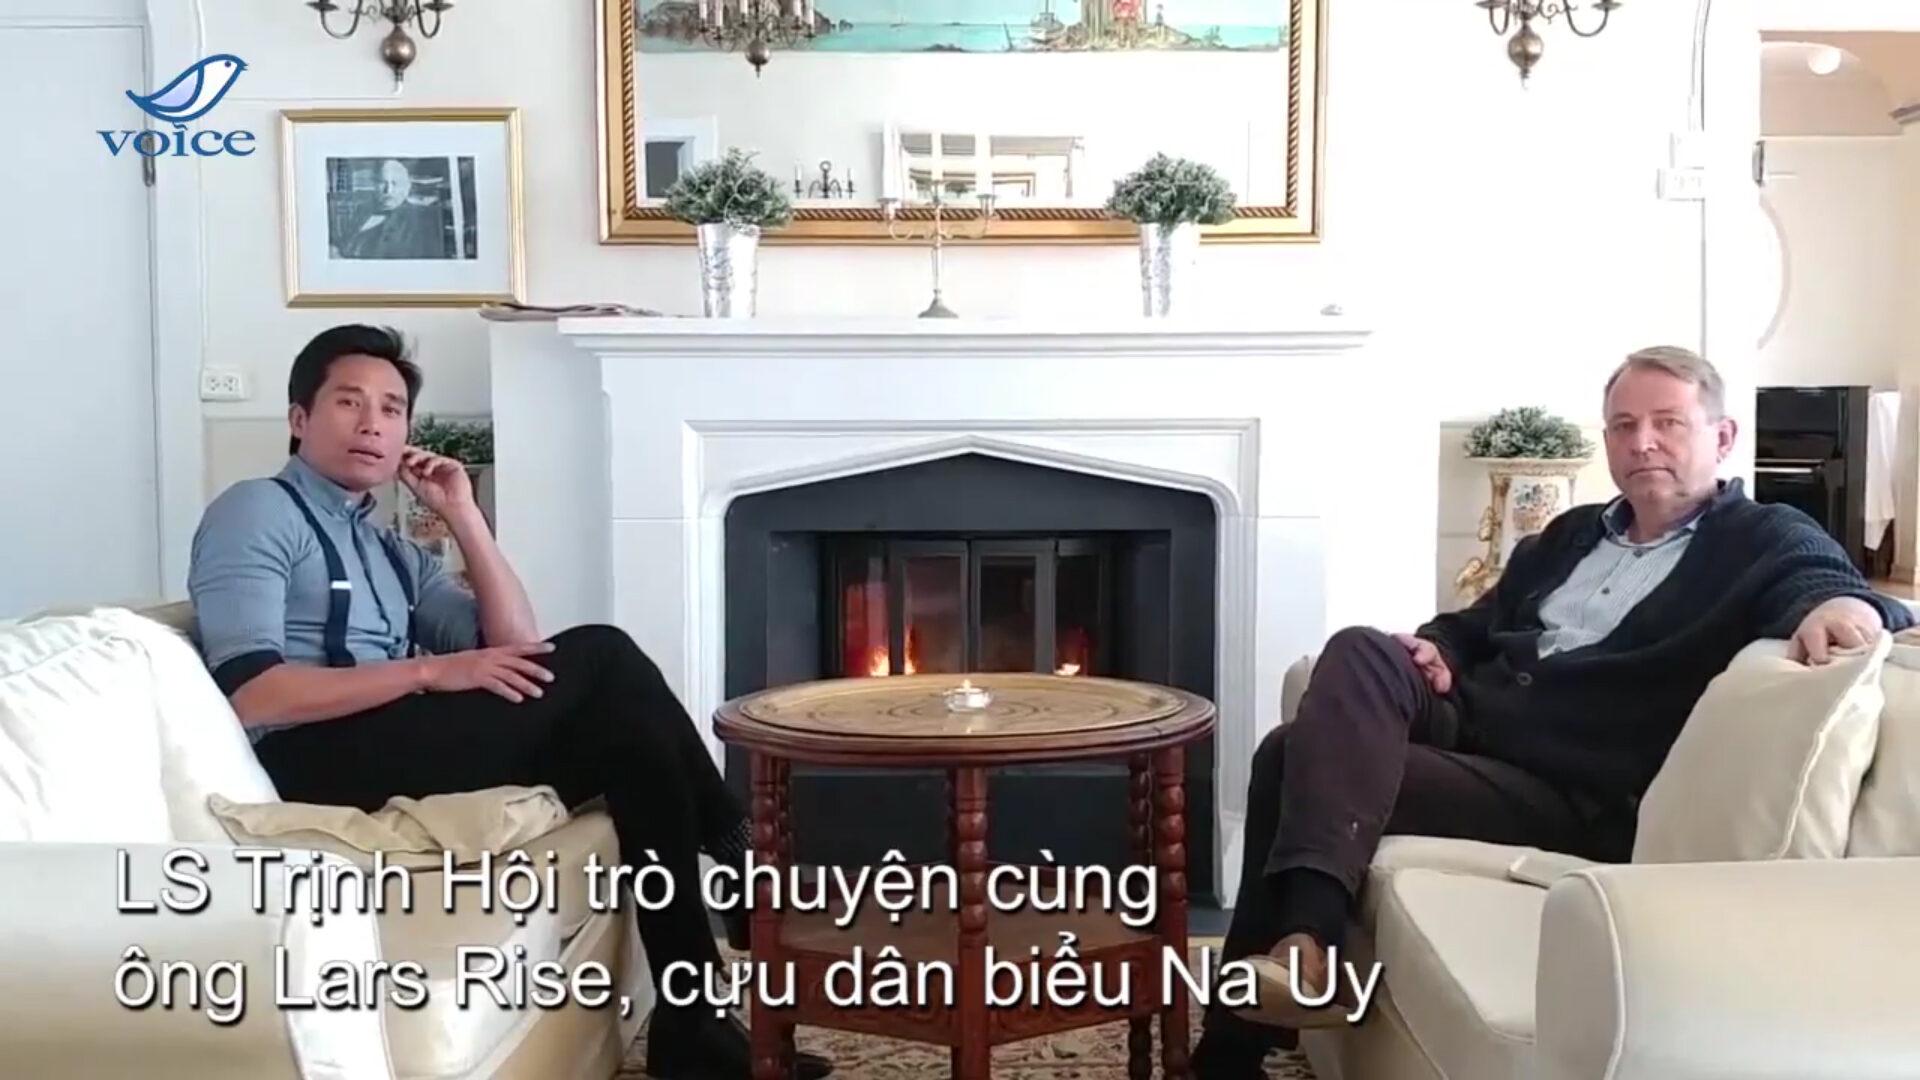 Luật Sư Trịnh Hội trao đổi với ông Lars Rise, cựu dân biểu Na Uy về tình hình Xã hội dân sự Việt Nam